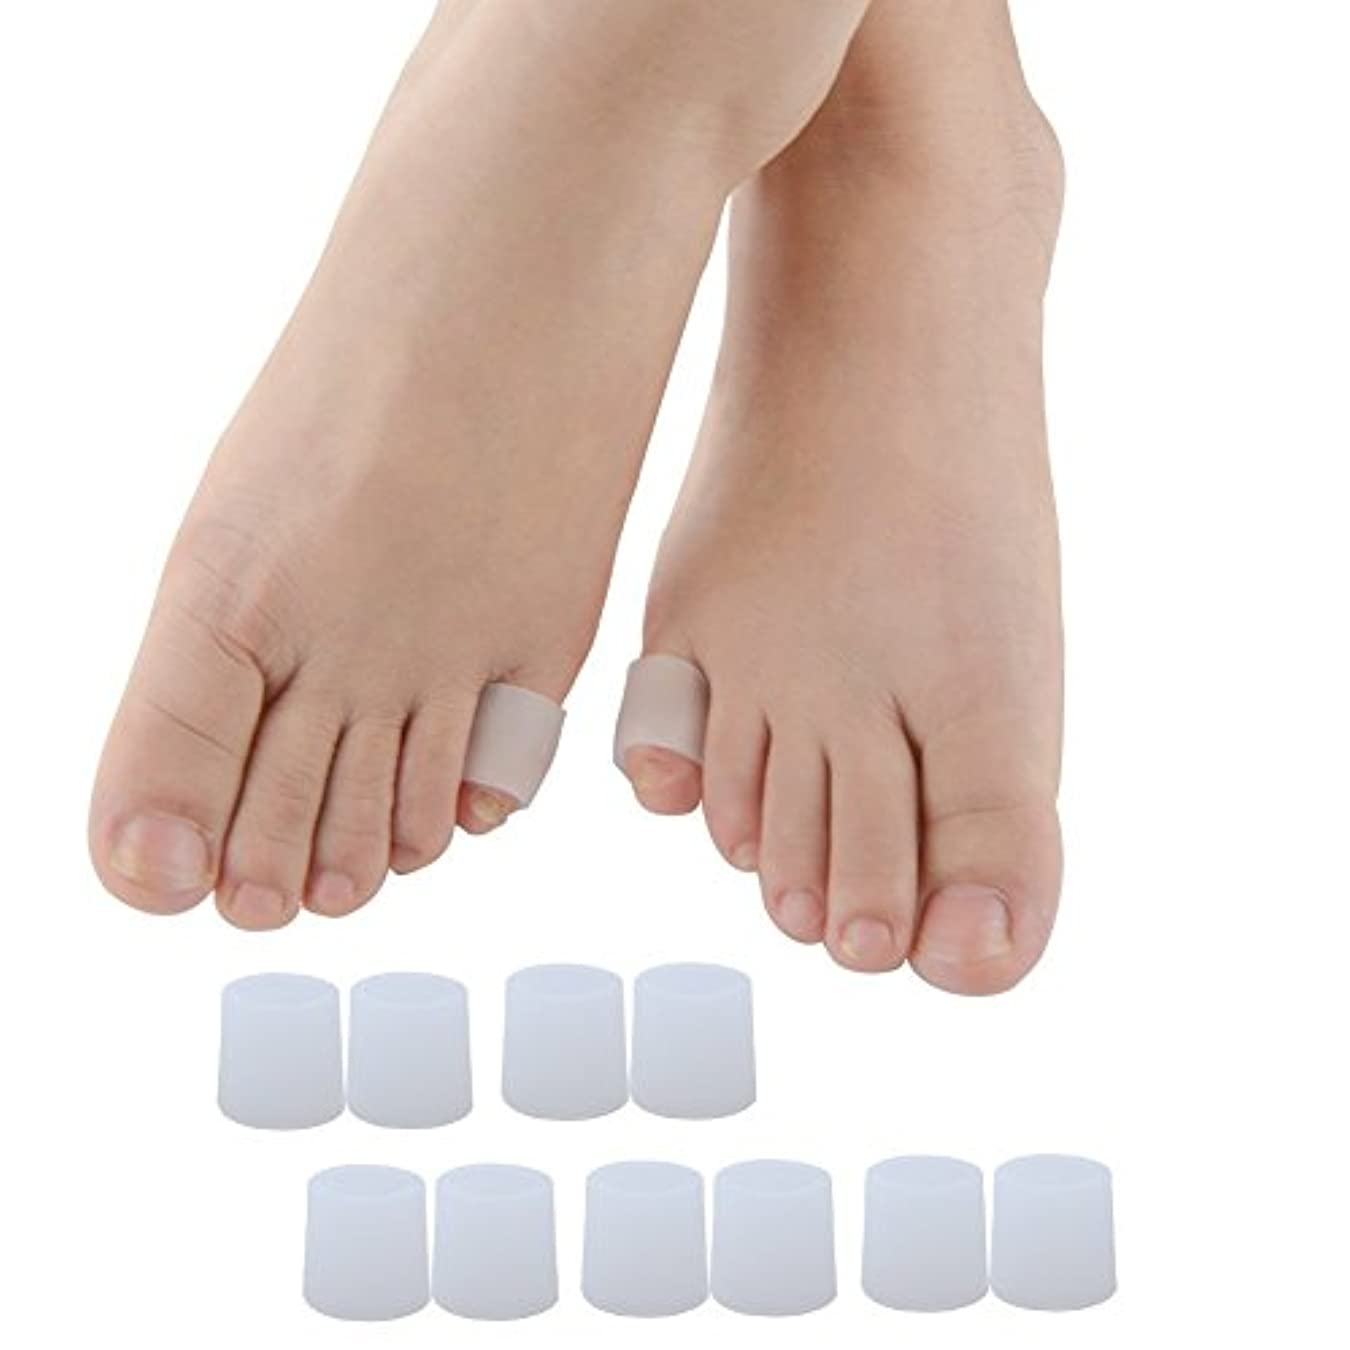 撤回する安定しましたエンターテインメントPovihome 足指 足爪 保護キャップ 小指 5ペア,足の小指保護, 白い 足 指 キャップ